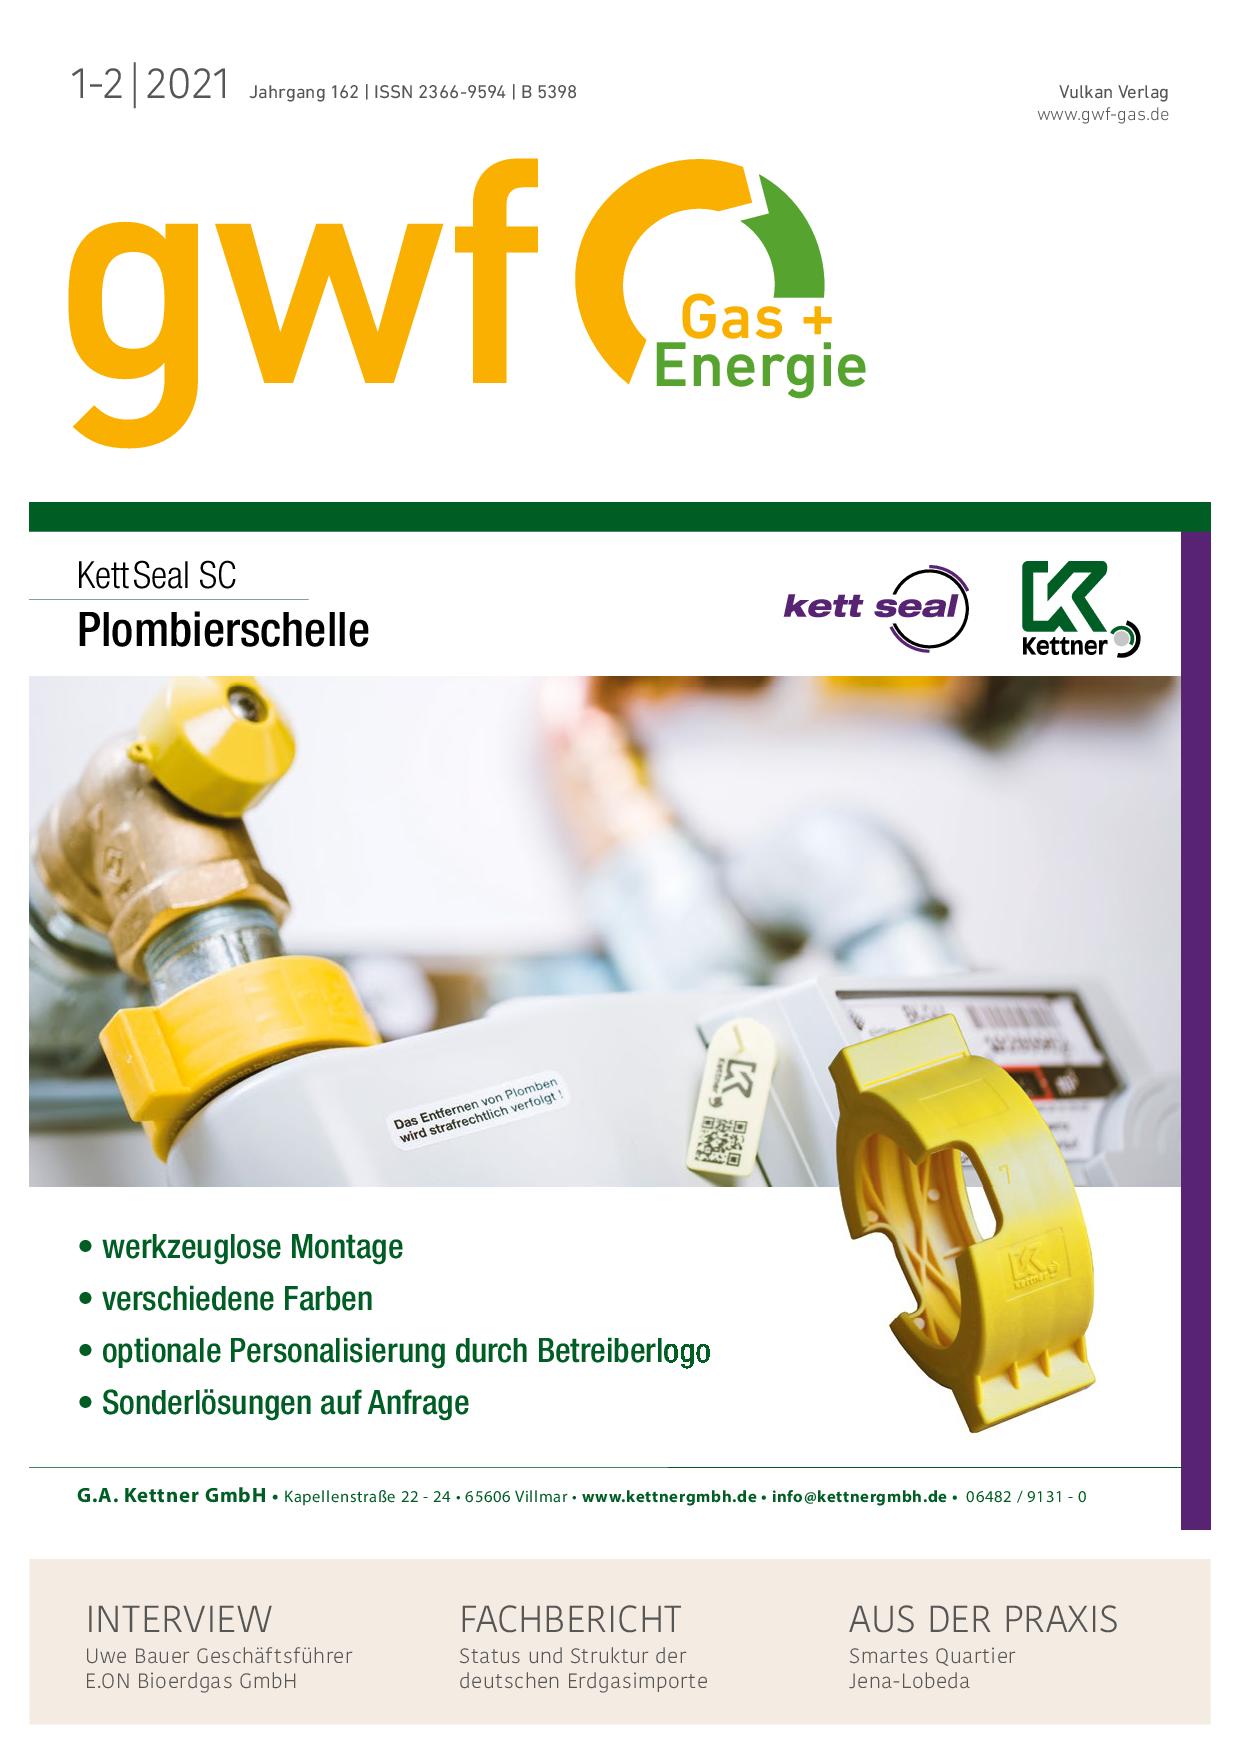 gwf Gas+Energie – 01-02 2021